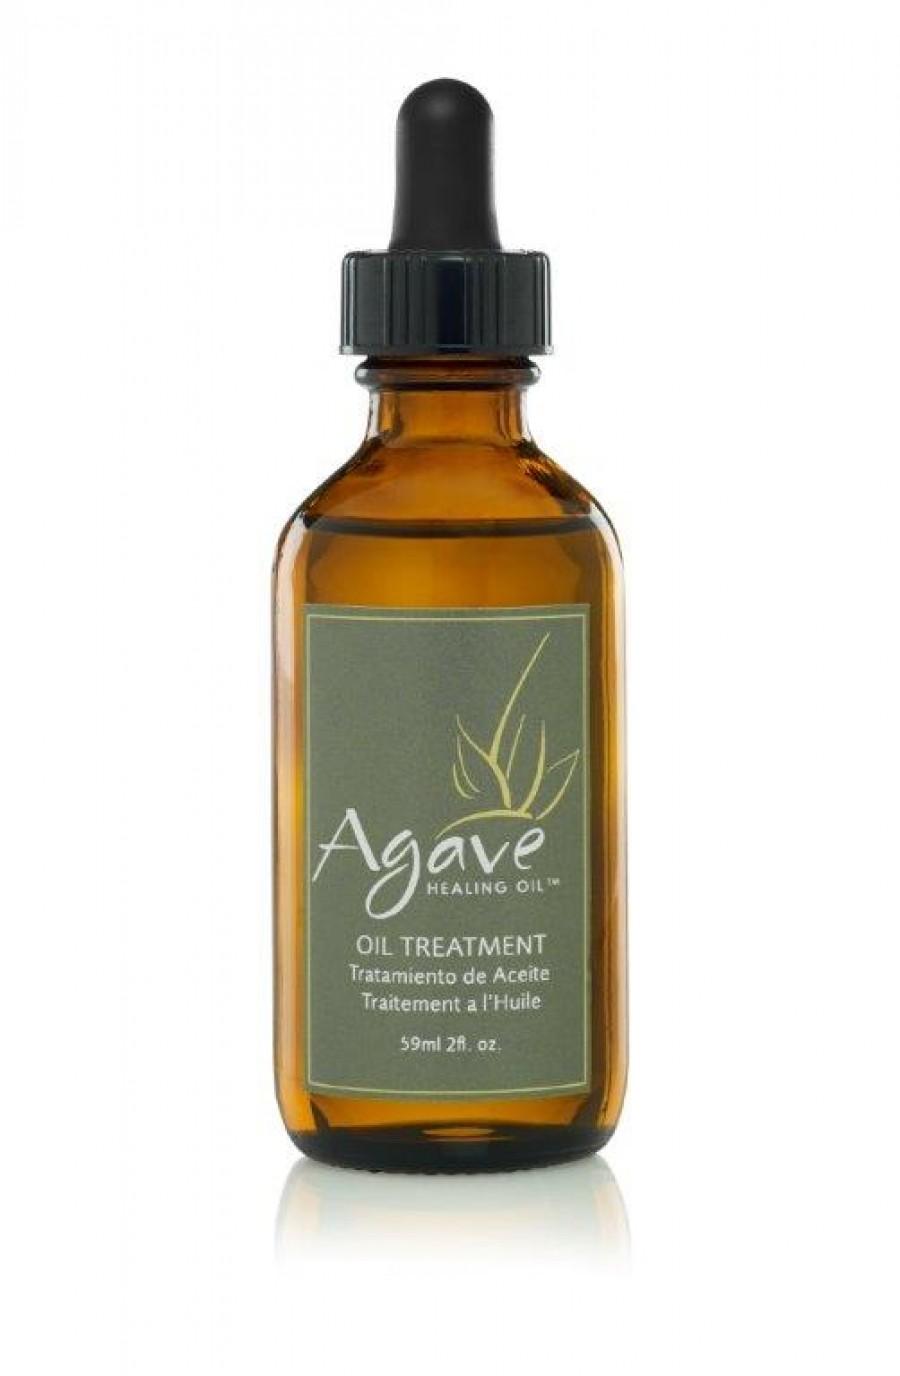 AGAVE Oil Treatment 59ml